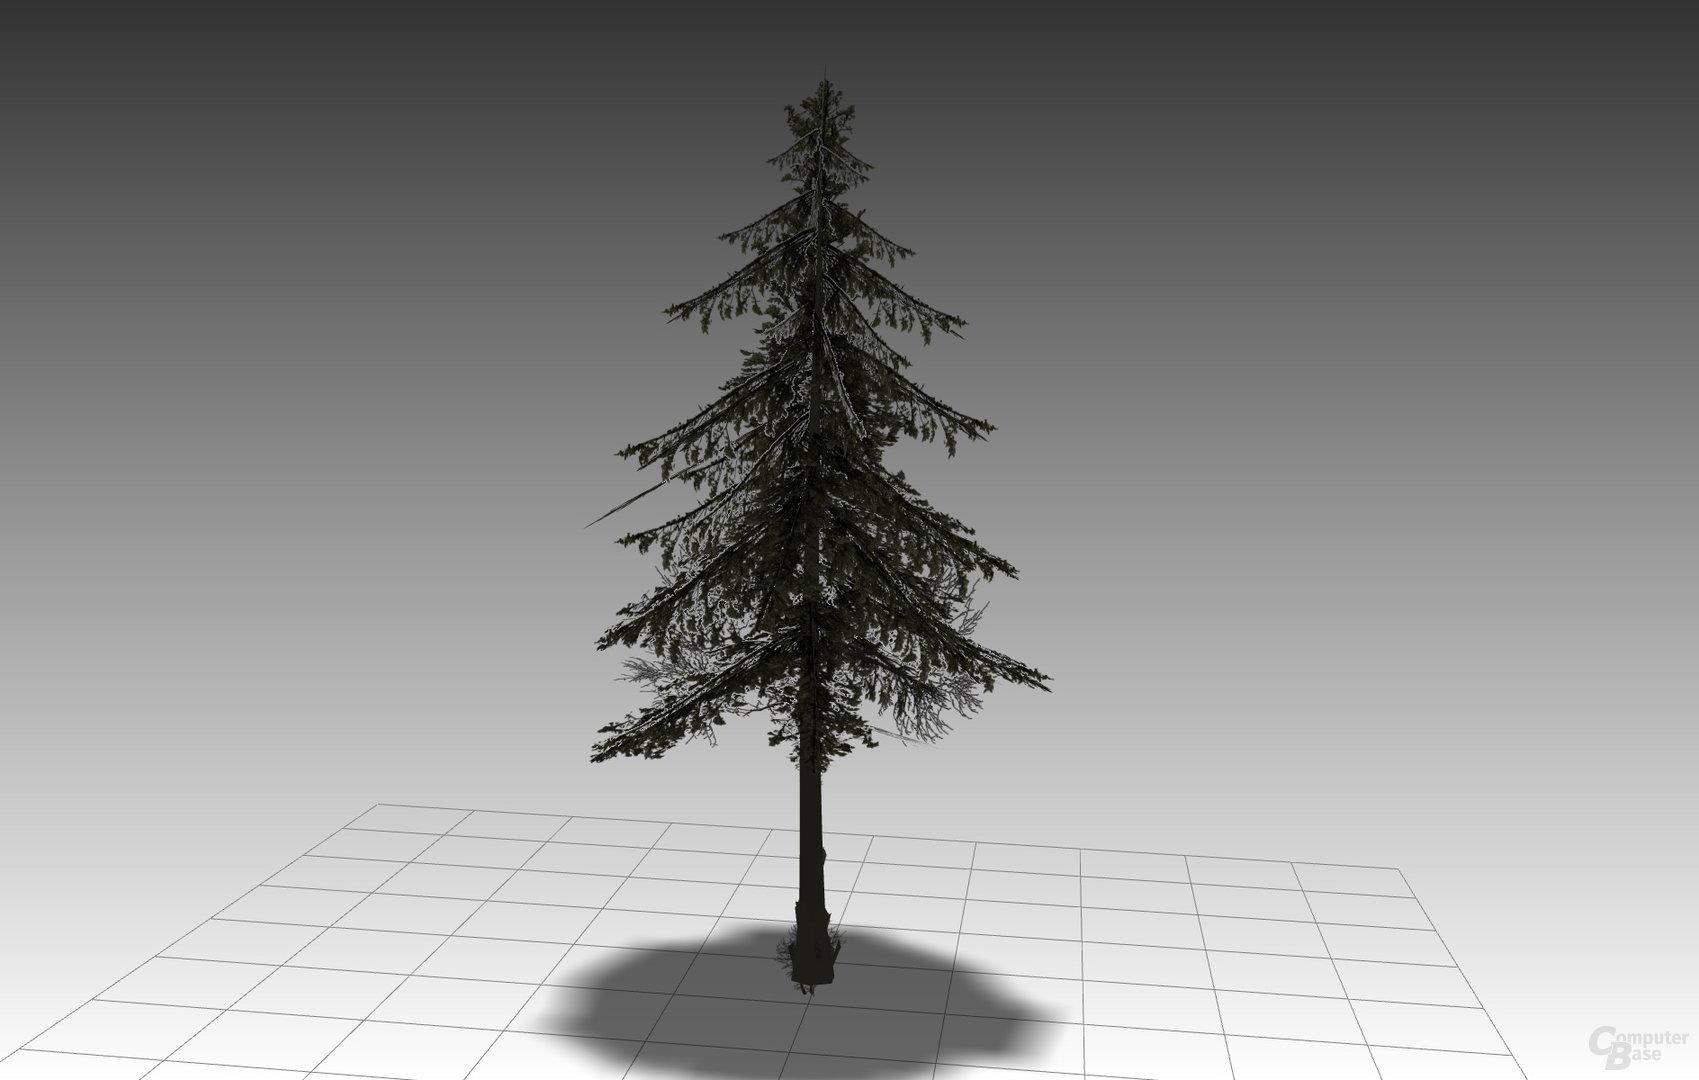 Dasselbe Modell des Baums mit Texturen und den Transparenzwerten. (Bild erzeugt in Right Hemisphere Deep Exploration)